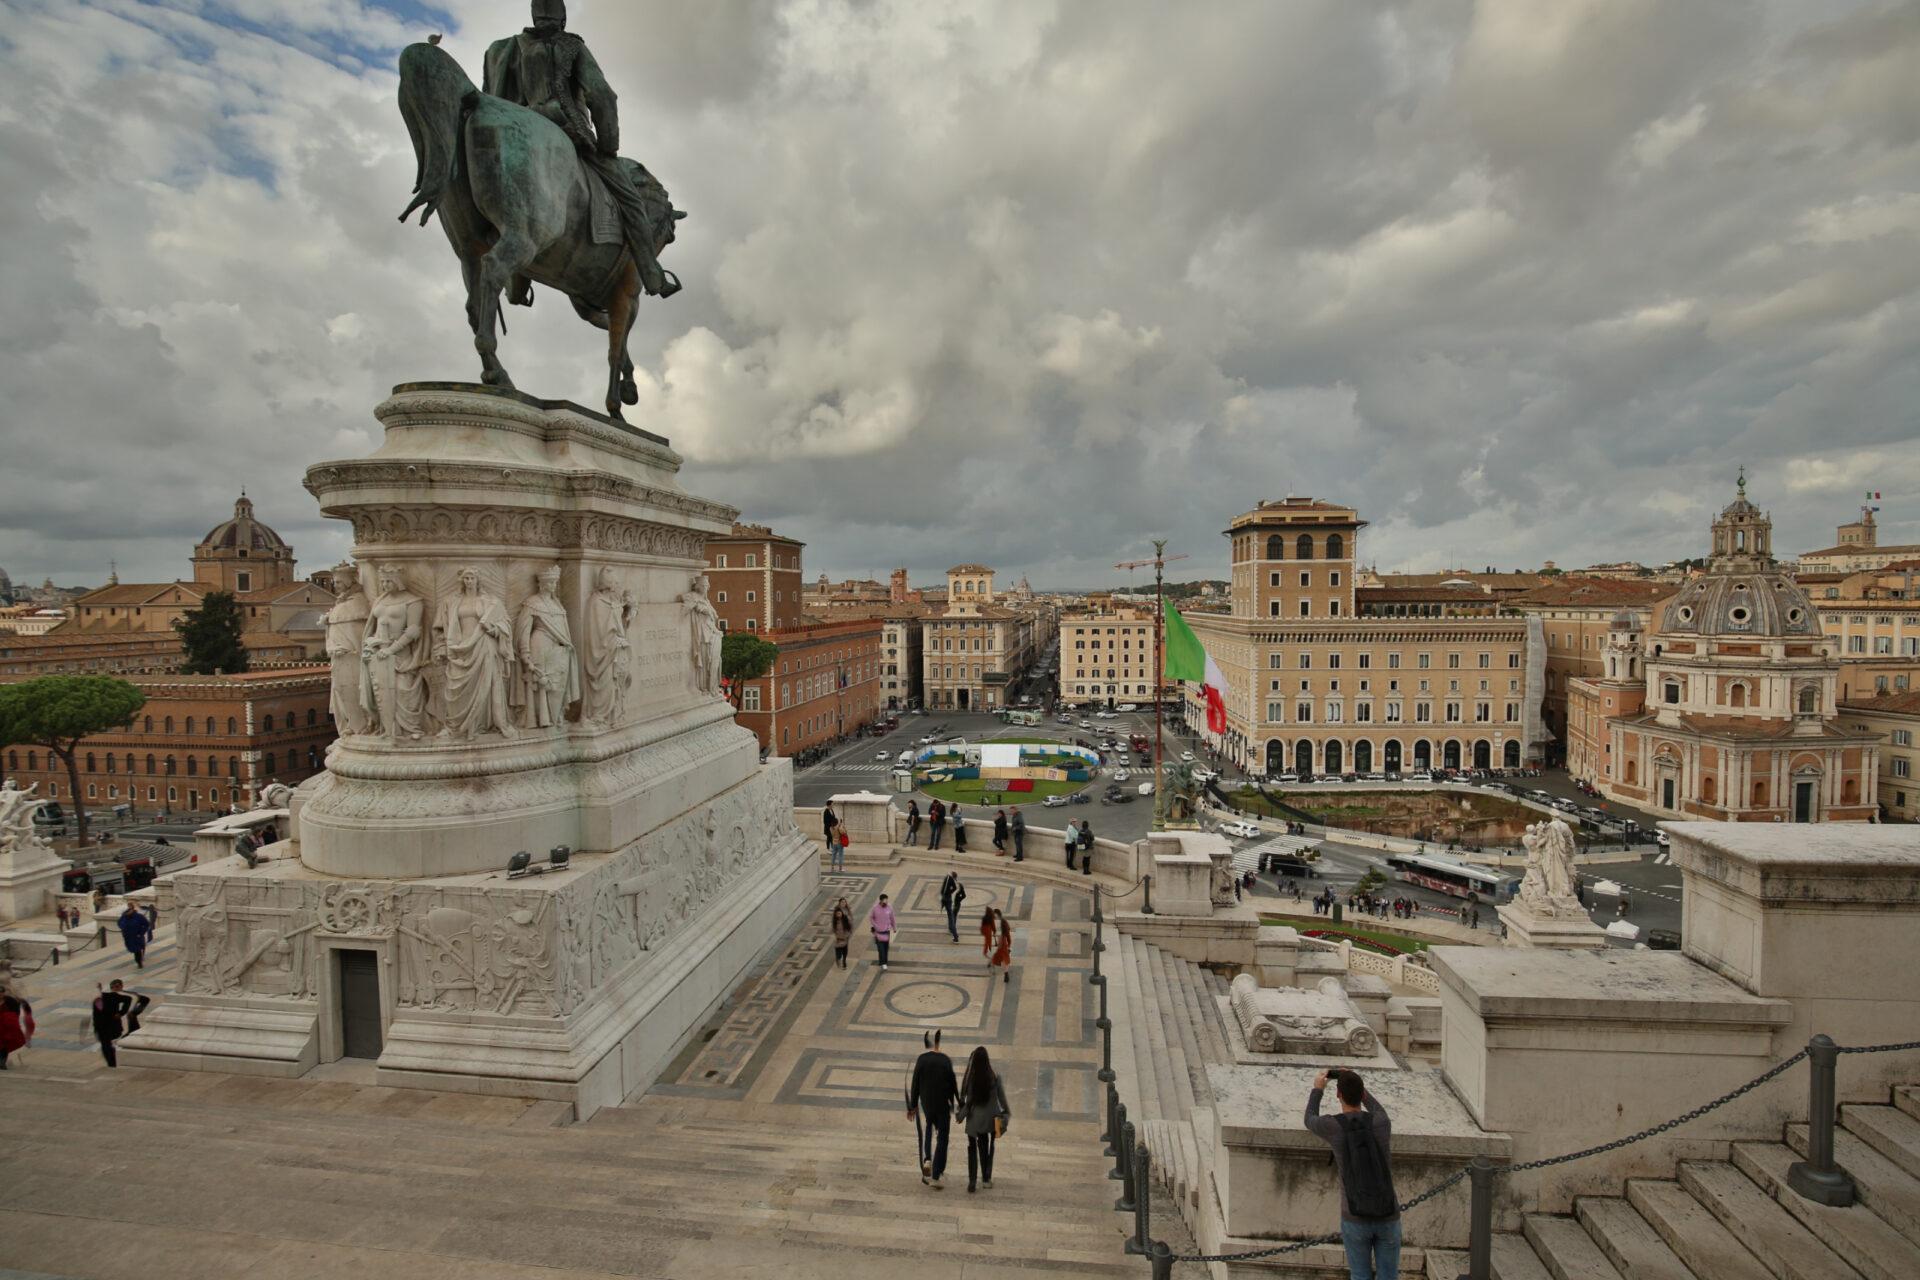 Площадь Венеции, Колизей иФорум ч.6